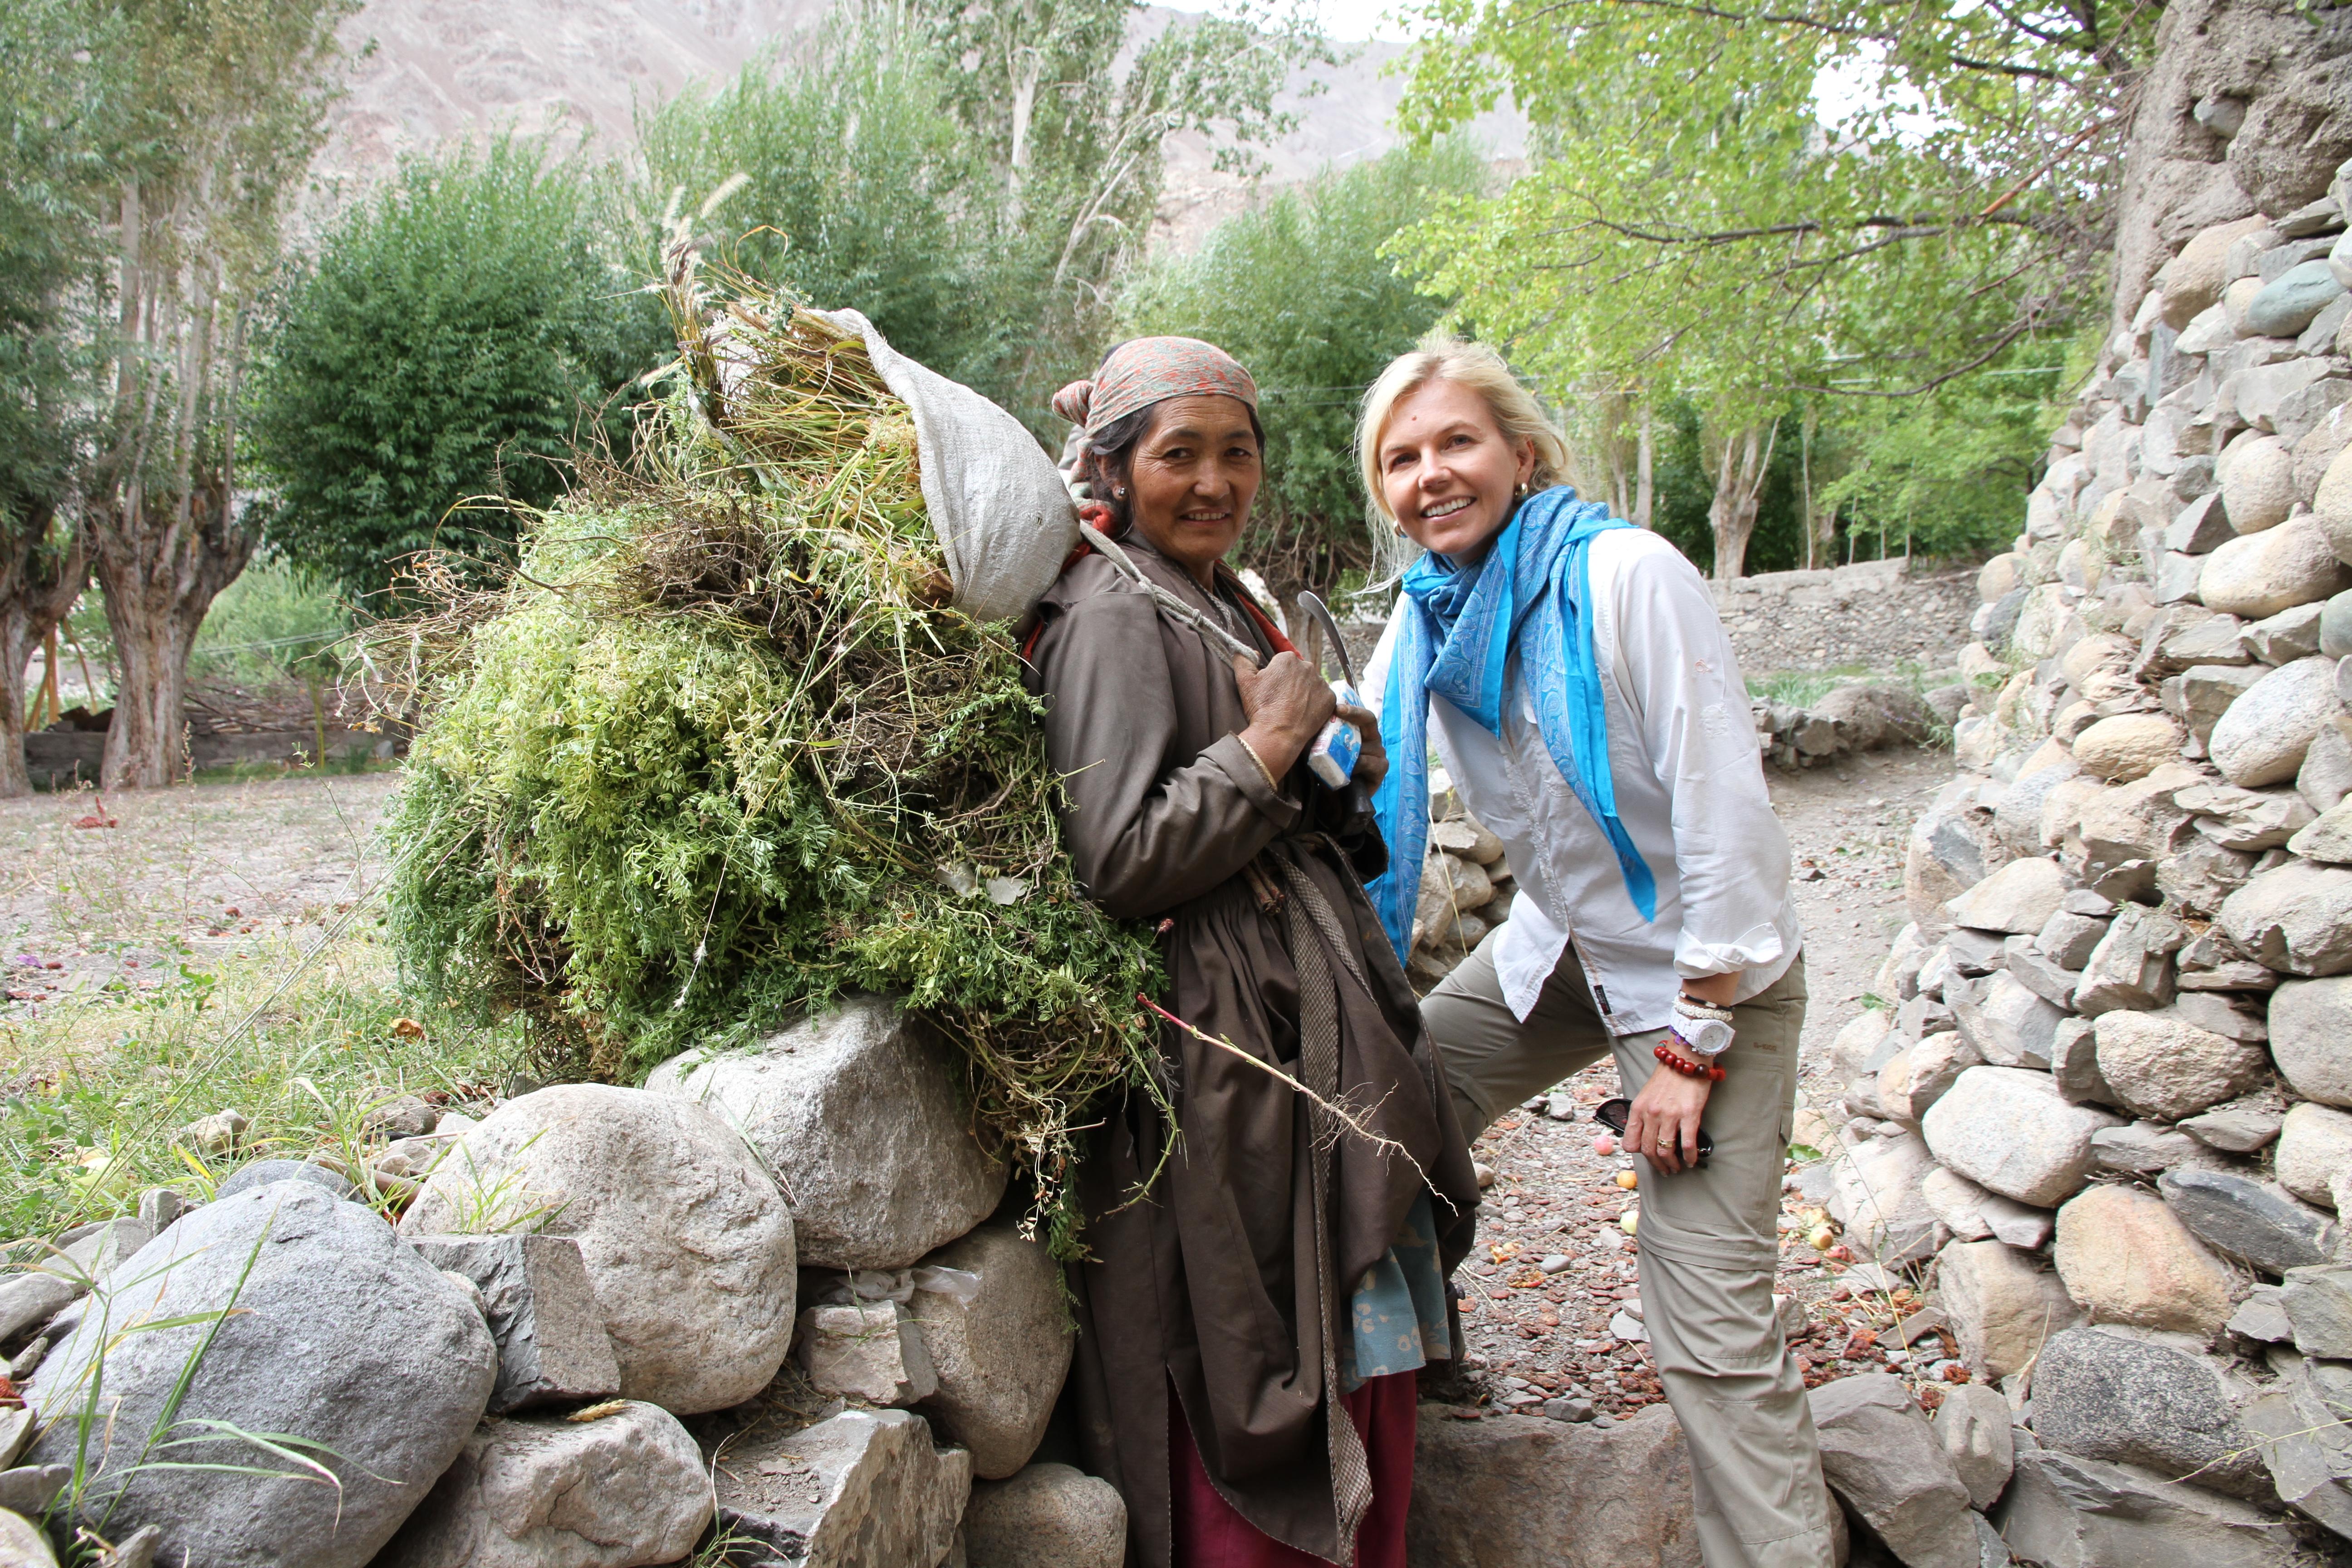 Mönche, Reisen, Reisefeder, Travelblog, Blogger, Indien, Ladakh, Klöster, Nordindien, Himalaya